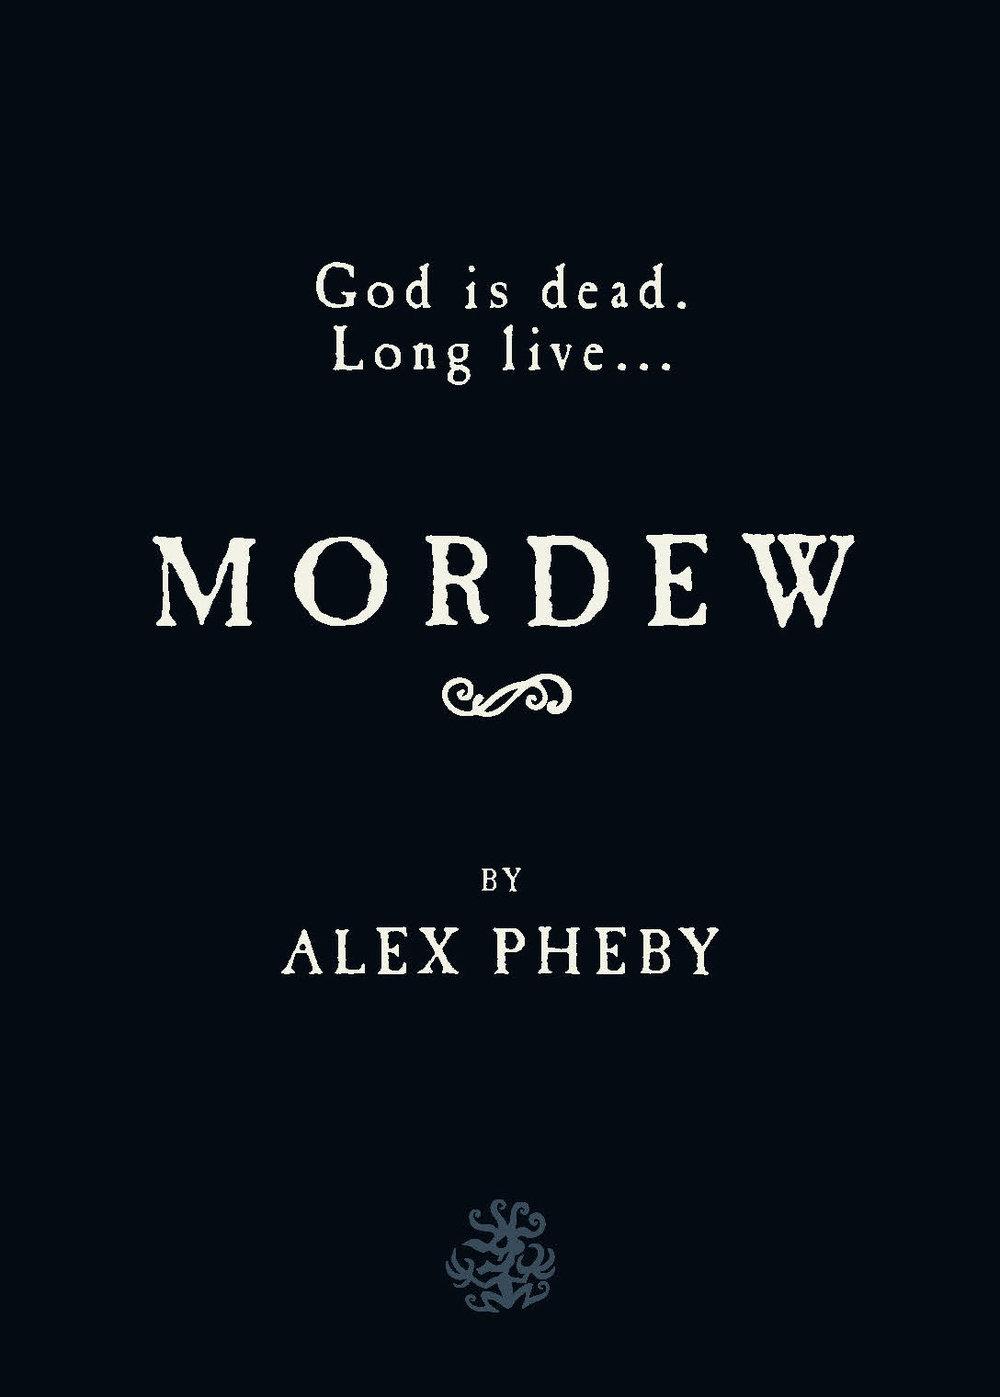 GBP_PHEBY_Mordew_Cover_v1.jpg